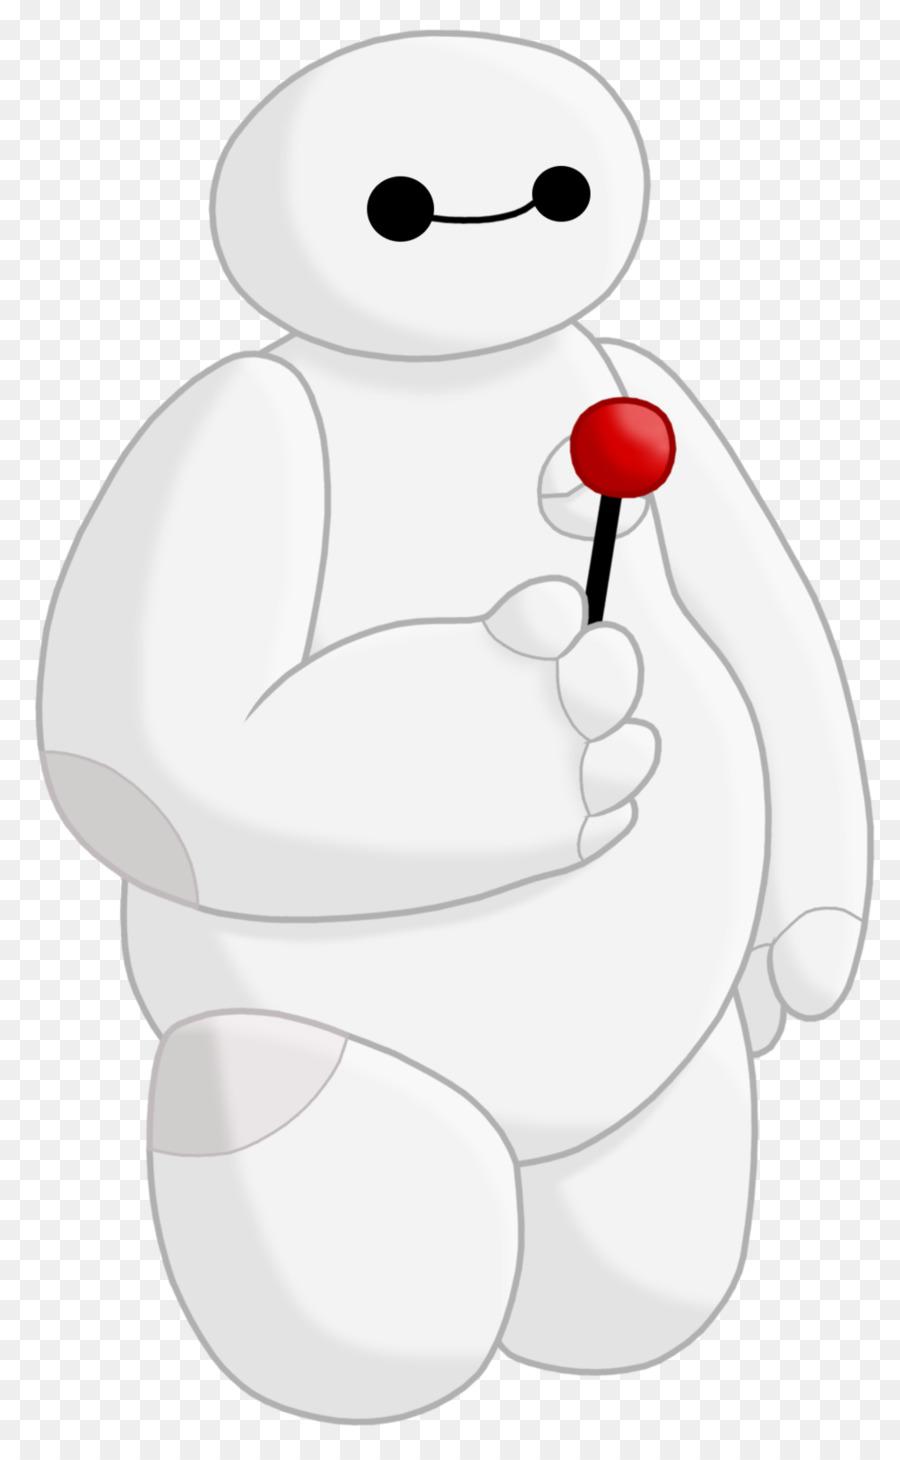 Baymax hiro fist bump clipart jpg royalty free Baymax Hiro Hamada Tadashi Hamada Drawing Big Hero 6 - bump jpg royalty free